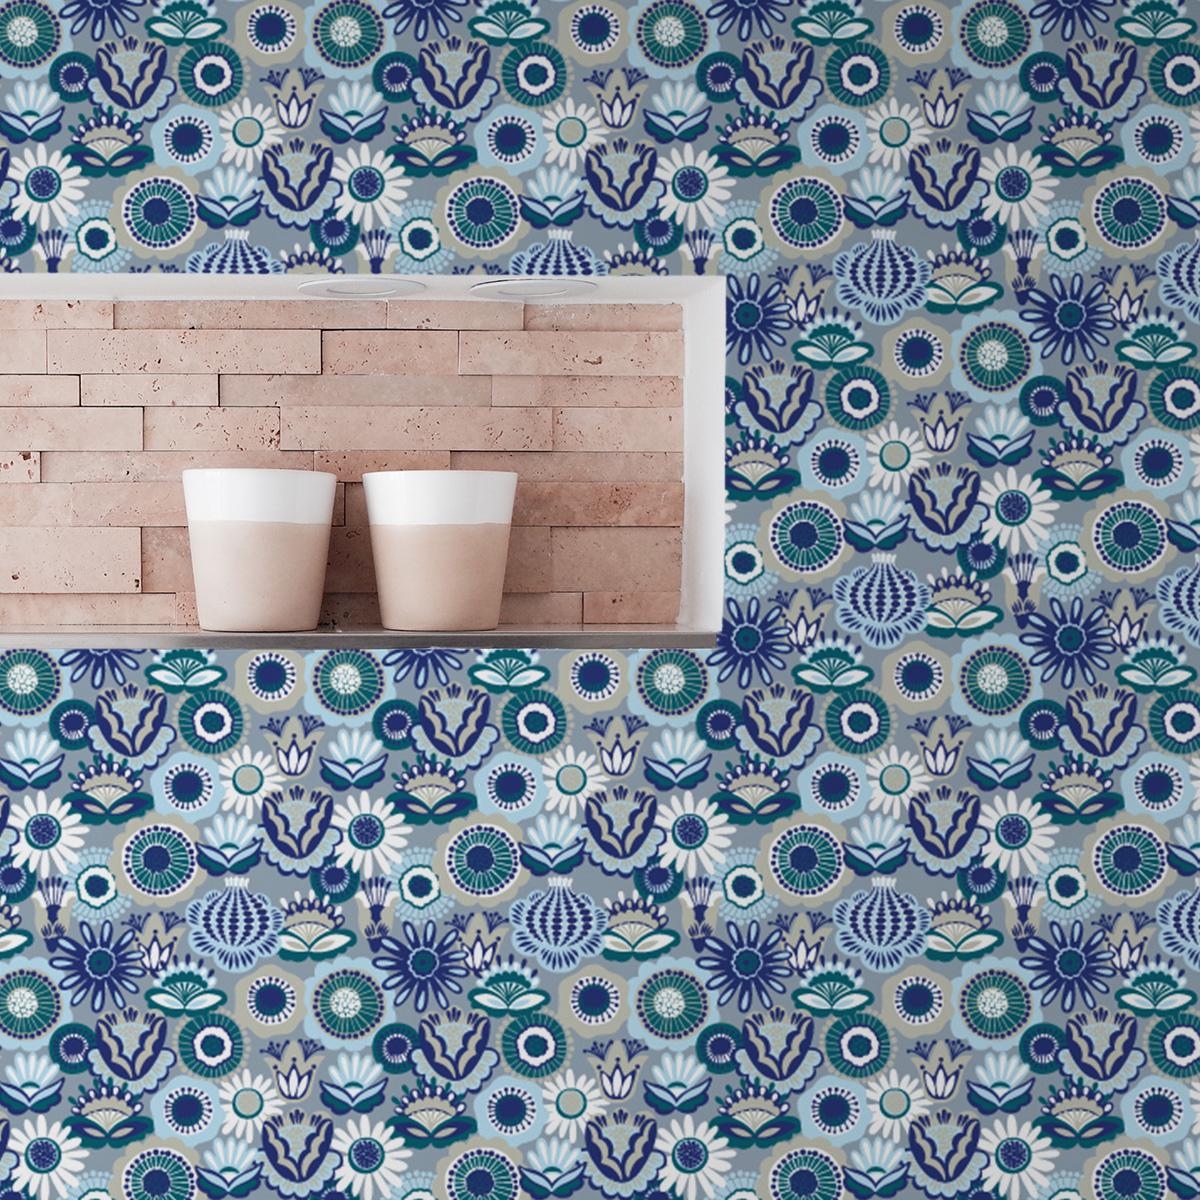 Schlafzimmer tapezieren in mittelblau: Blüten Tapete